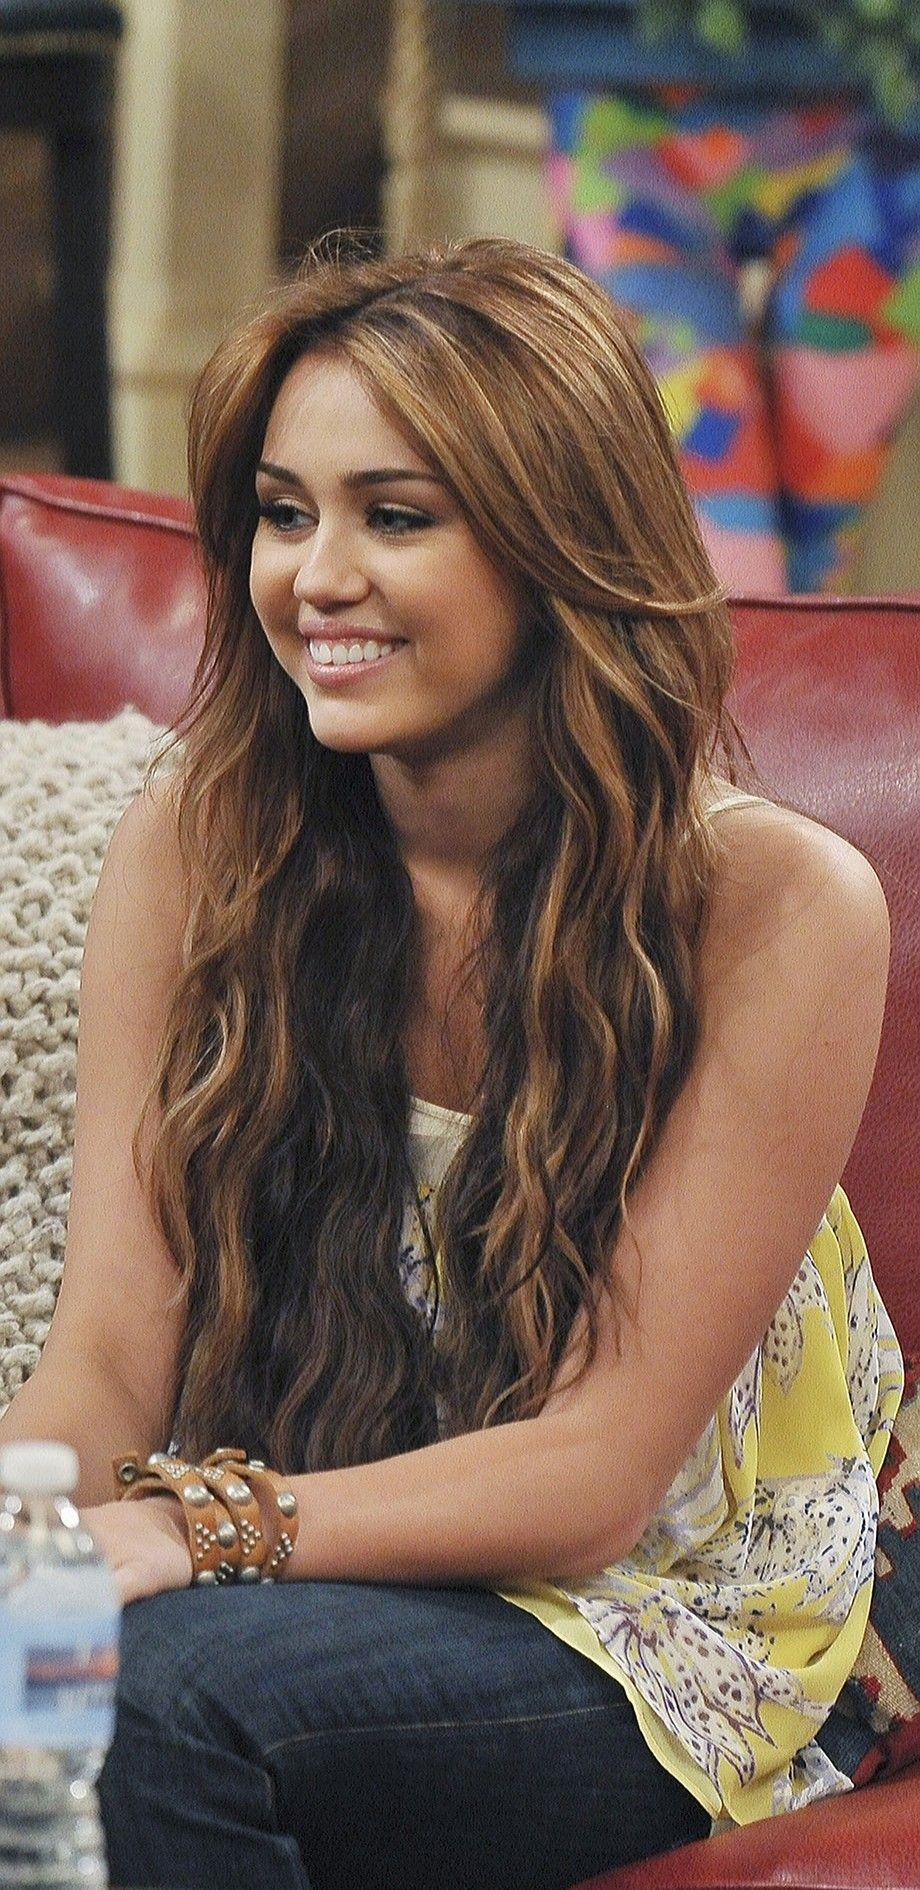 Bạn gái Liam Hemsworth diện bikini khoe body đẹp nức nở, nhưng dân tình lại réo tên Miley Cyrus vì 1 điểm tương đồng - Ảnh 8.